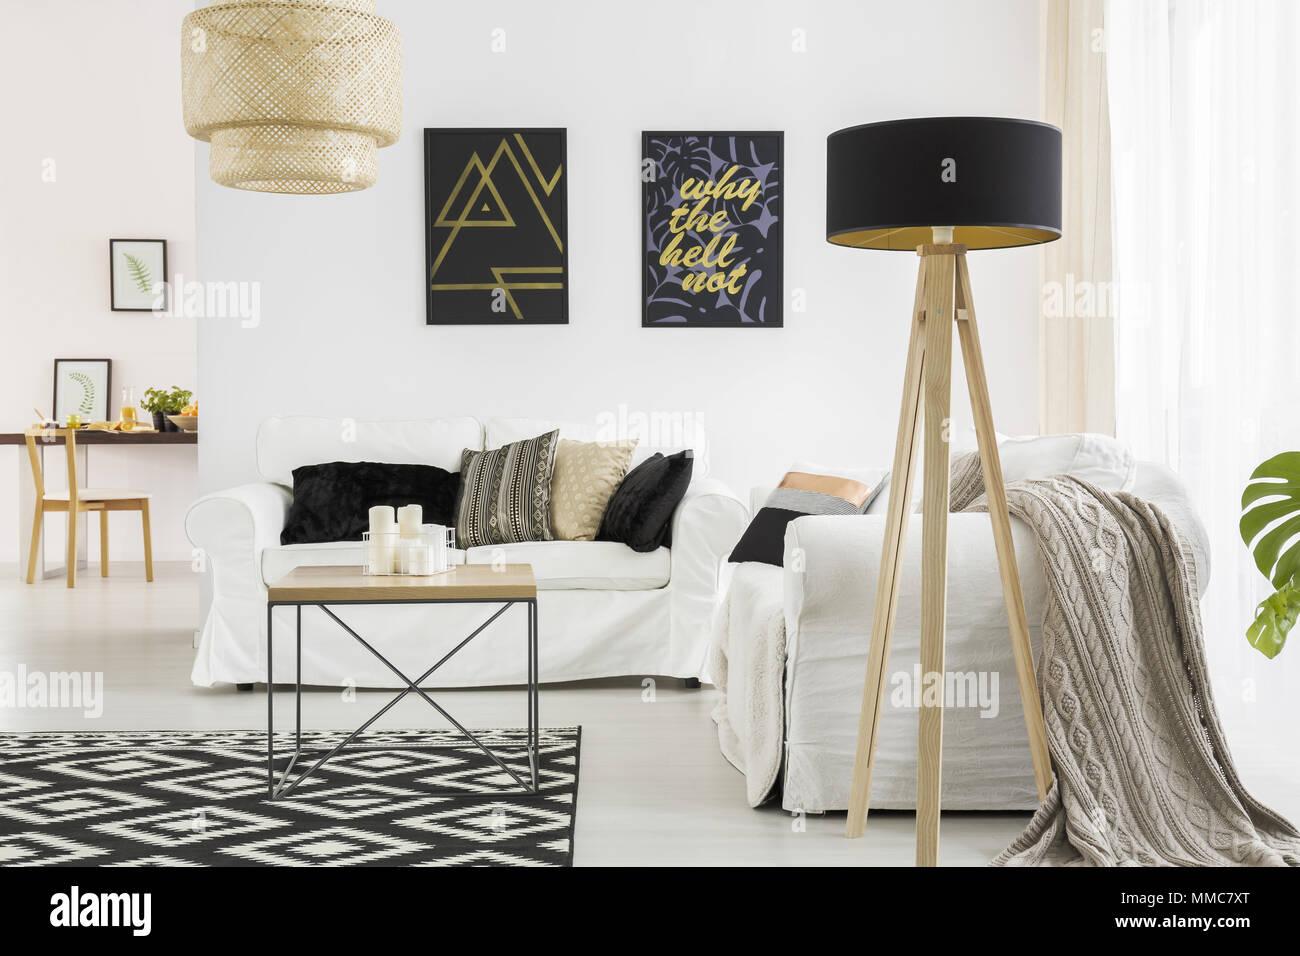 Divani Bianchi E Neri : Elegante soggiorno con divano bianco e nero lampada e tavolo foto